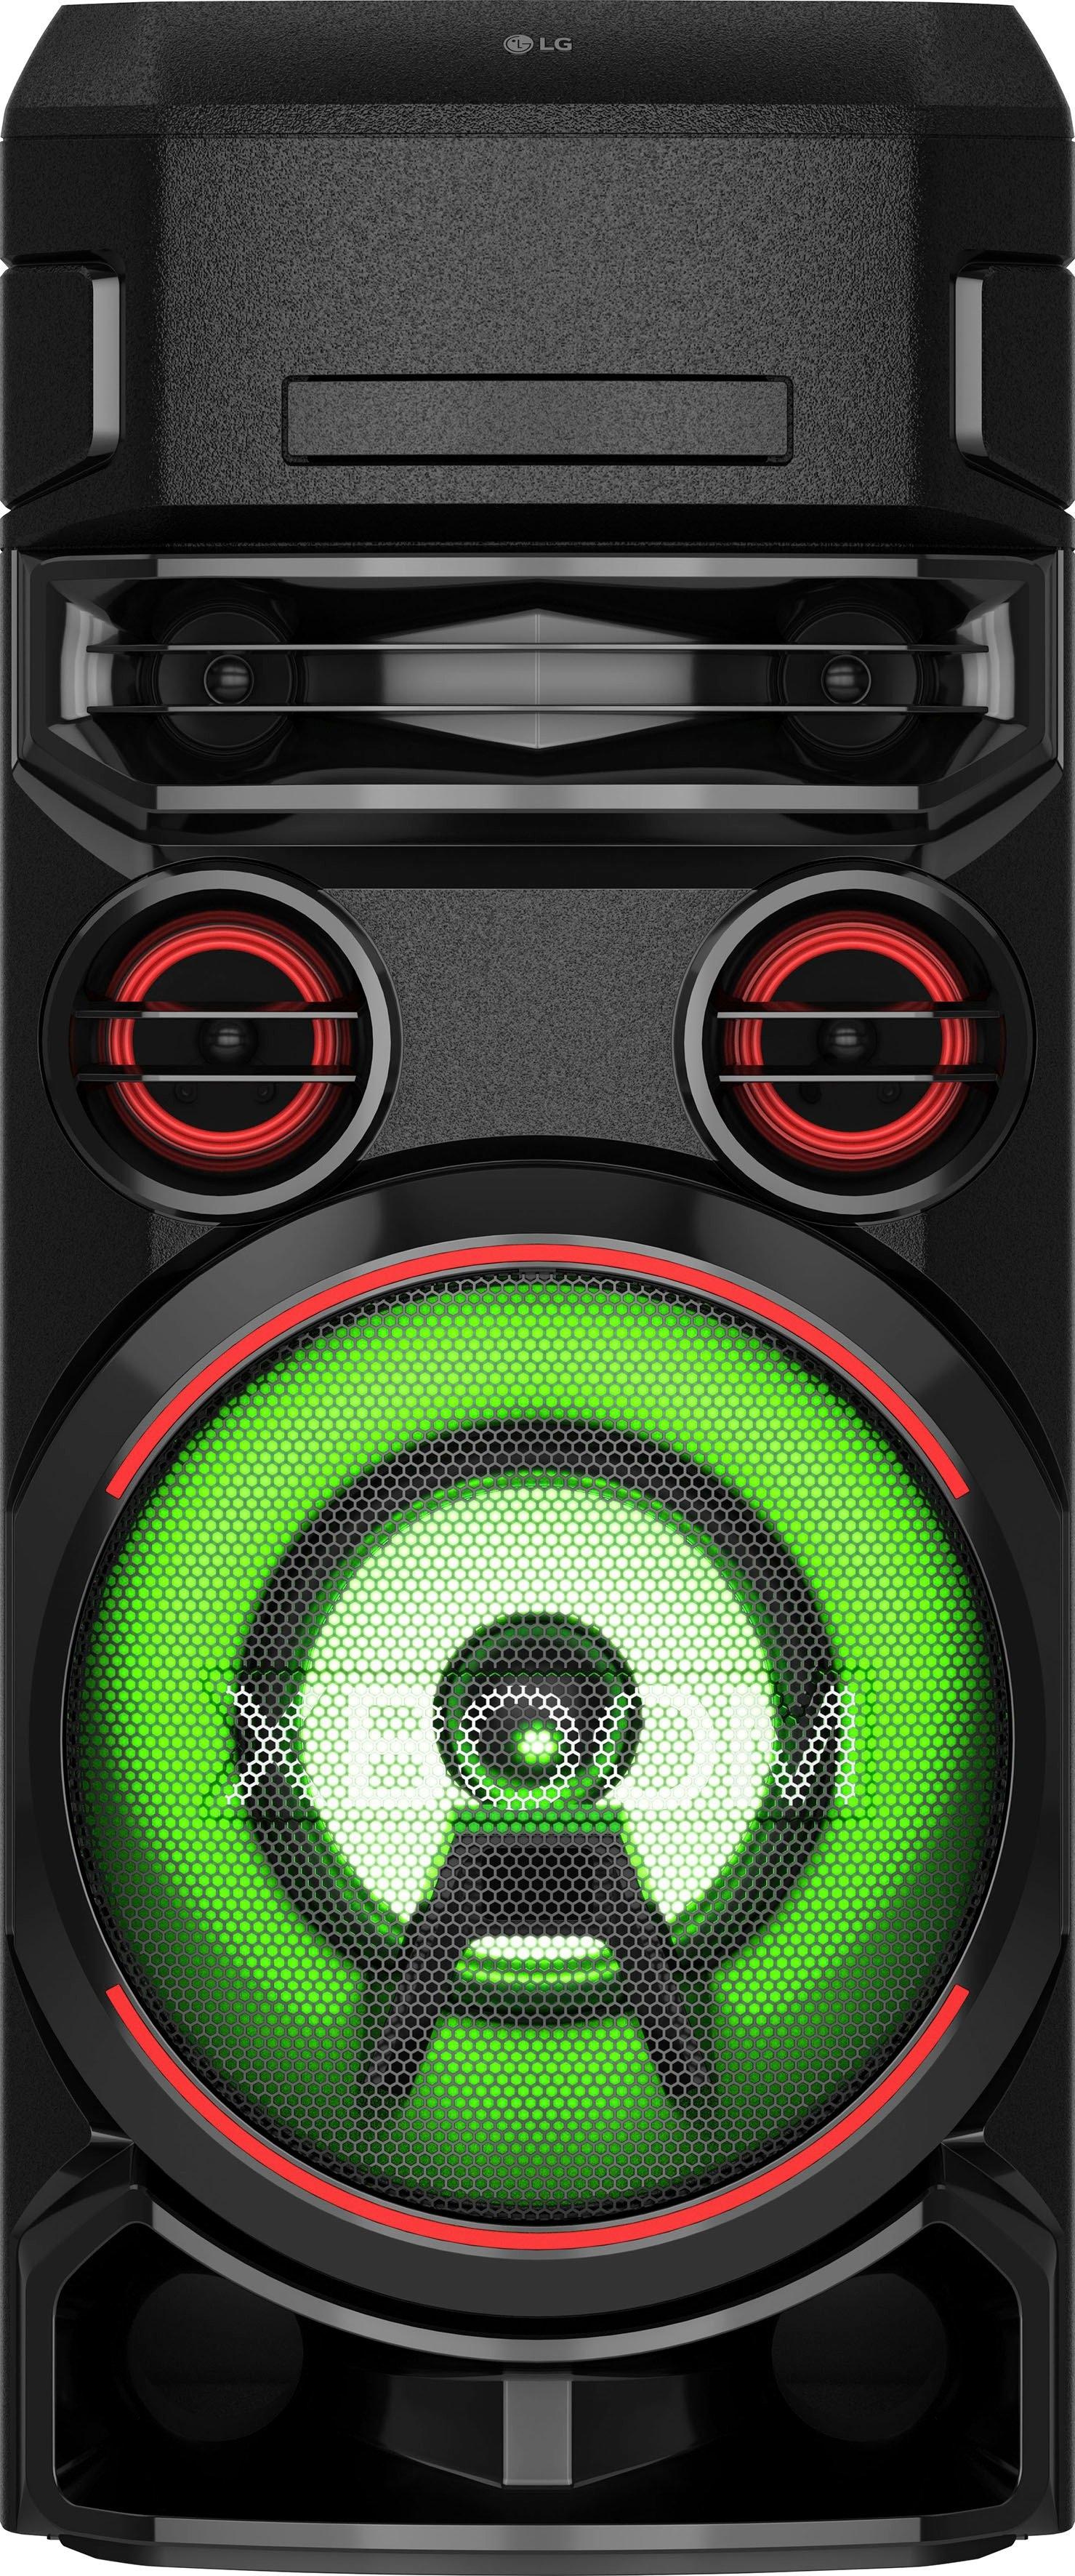 LG party-luidspreker XBOOM ON7 Onebody-geluidssysteem - gratis ruilen op otto.nl